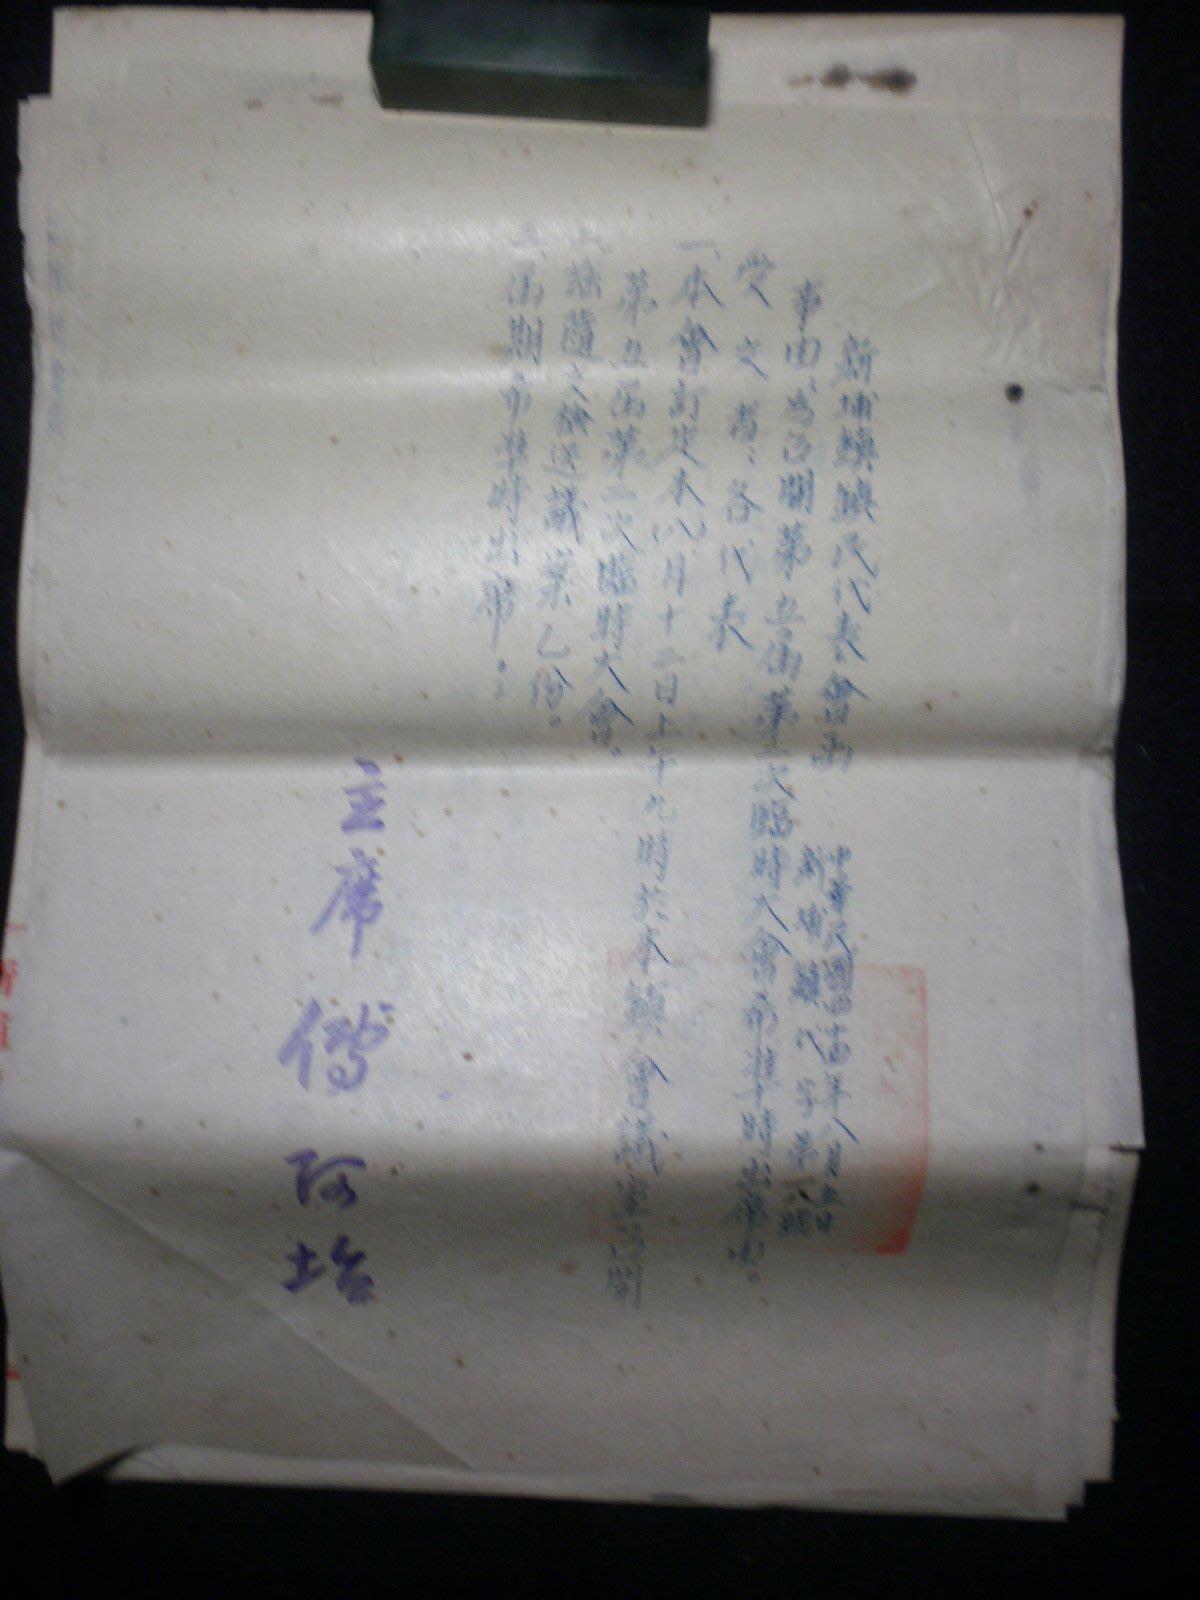 四十四年八月五日新埔鎮鎮民代表會函   庫464